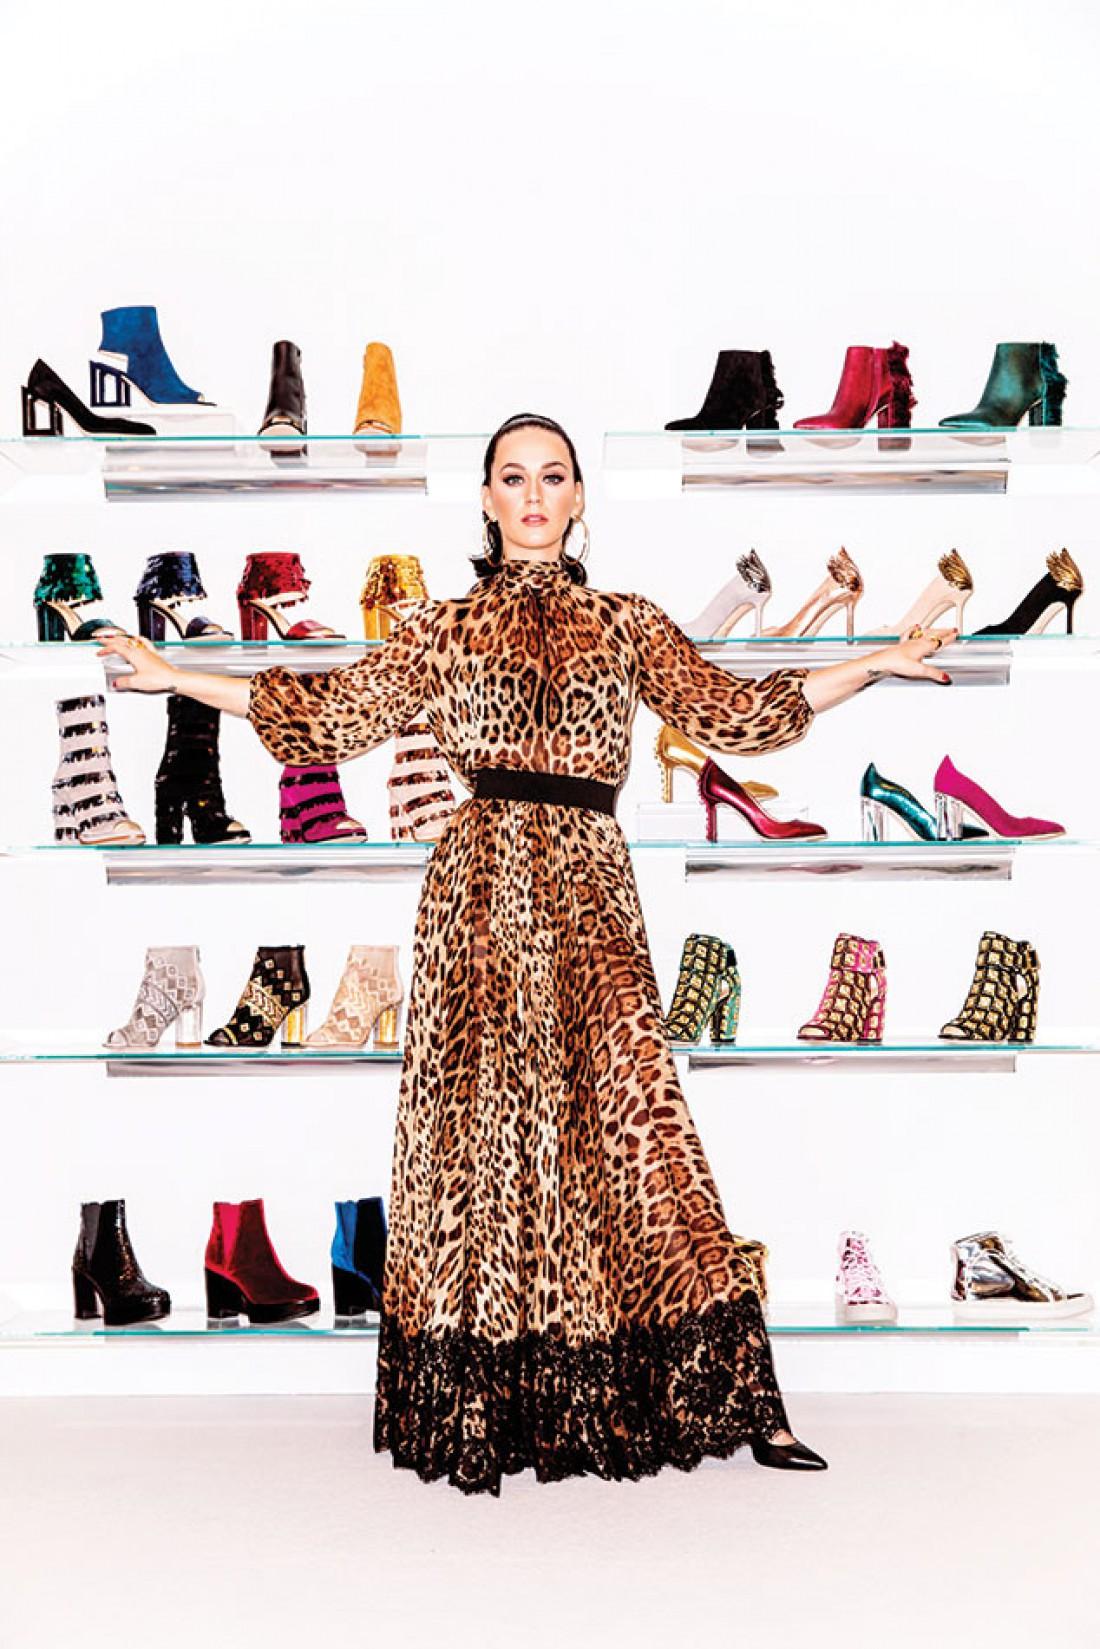 Кэти Перри стала главной героиней журнала Footwear News